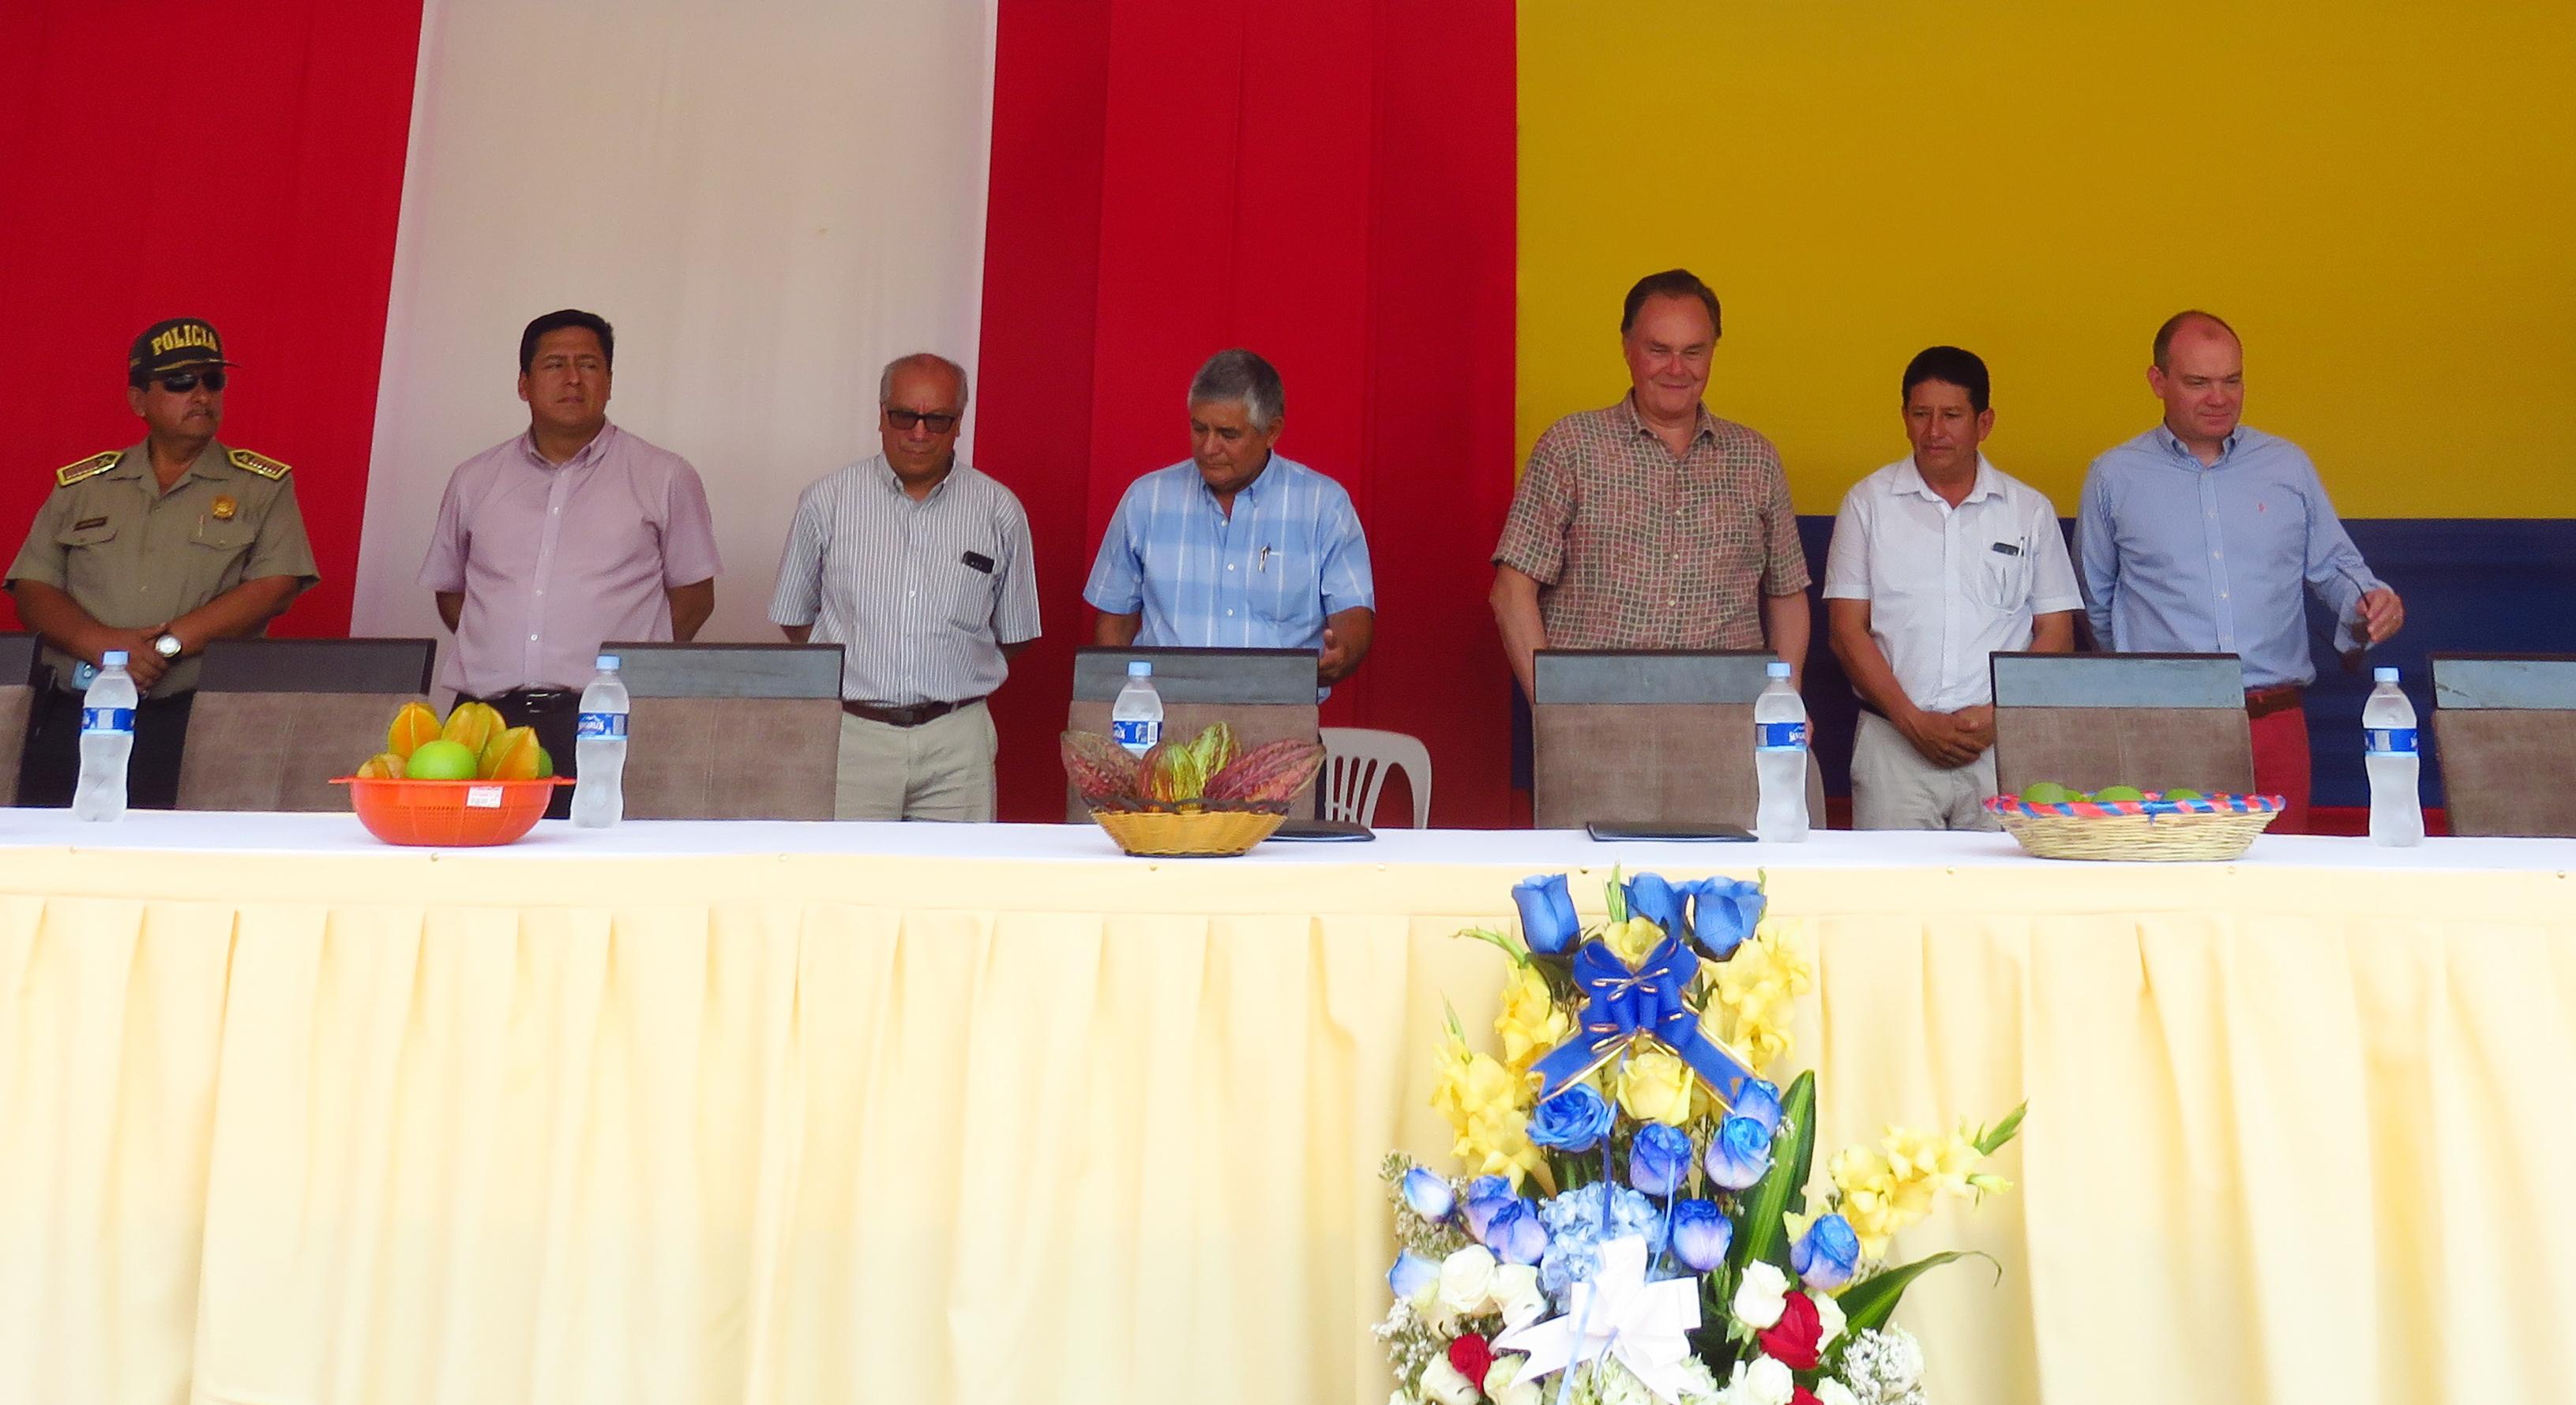 Convenio de Apoyo Interinstitucional: Fondo Binacional Perú – Ecuador, Municipalidad de Distrital de Bellavista y UGEL de Jaén